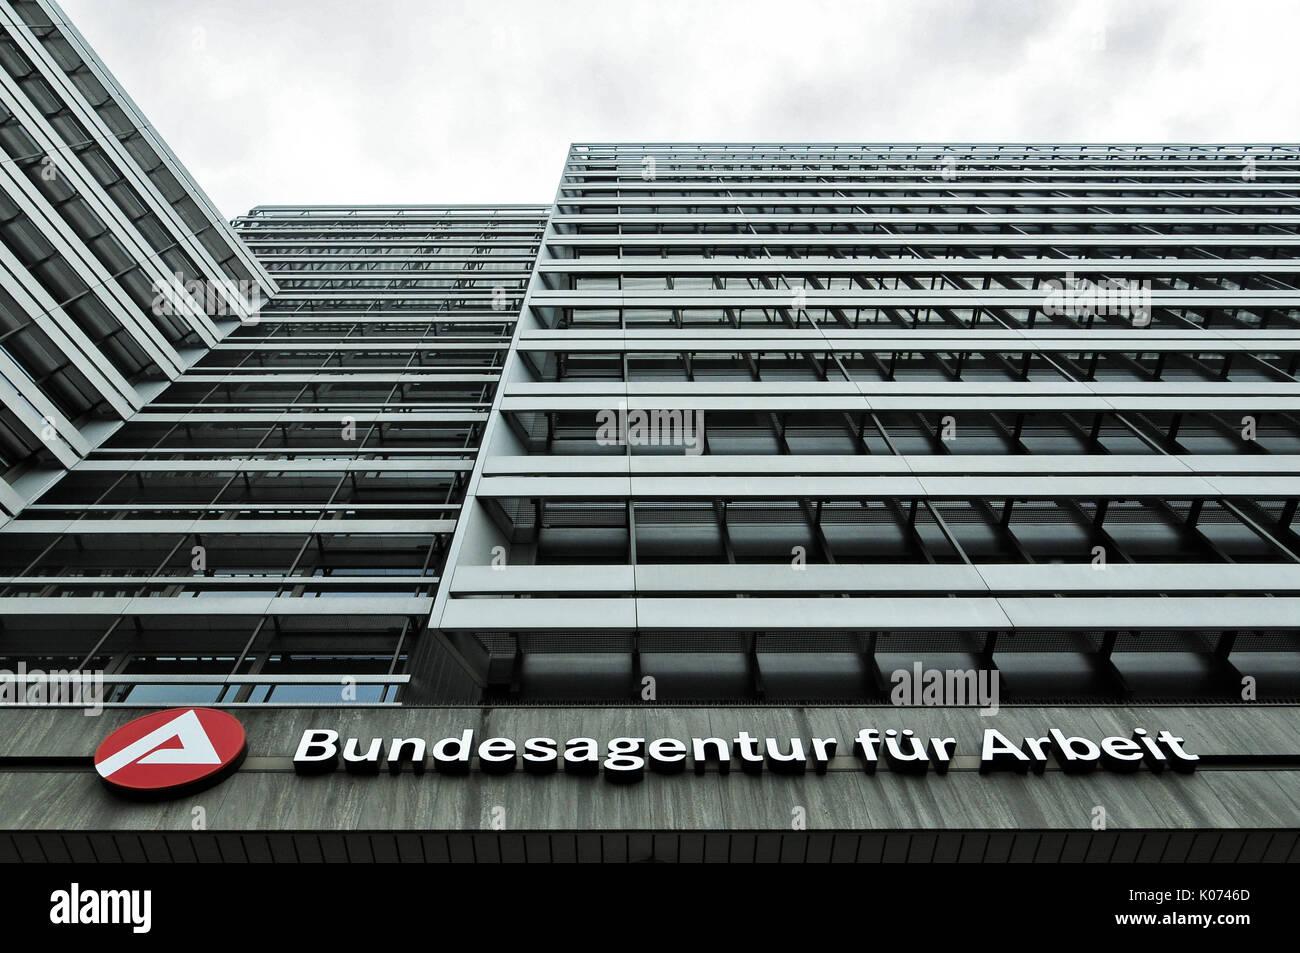 Bundesagentur für Arbeit, Nürnberg - Stock Image